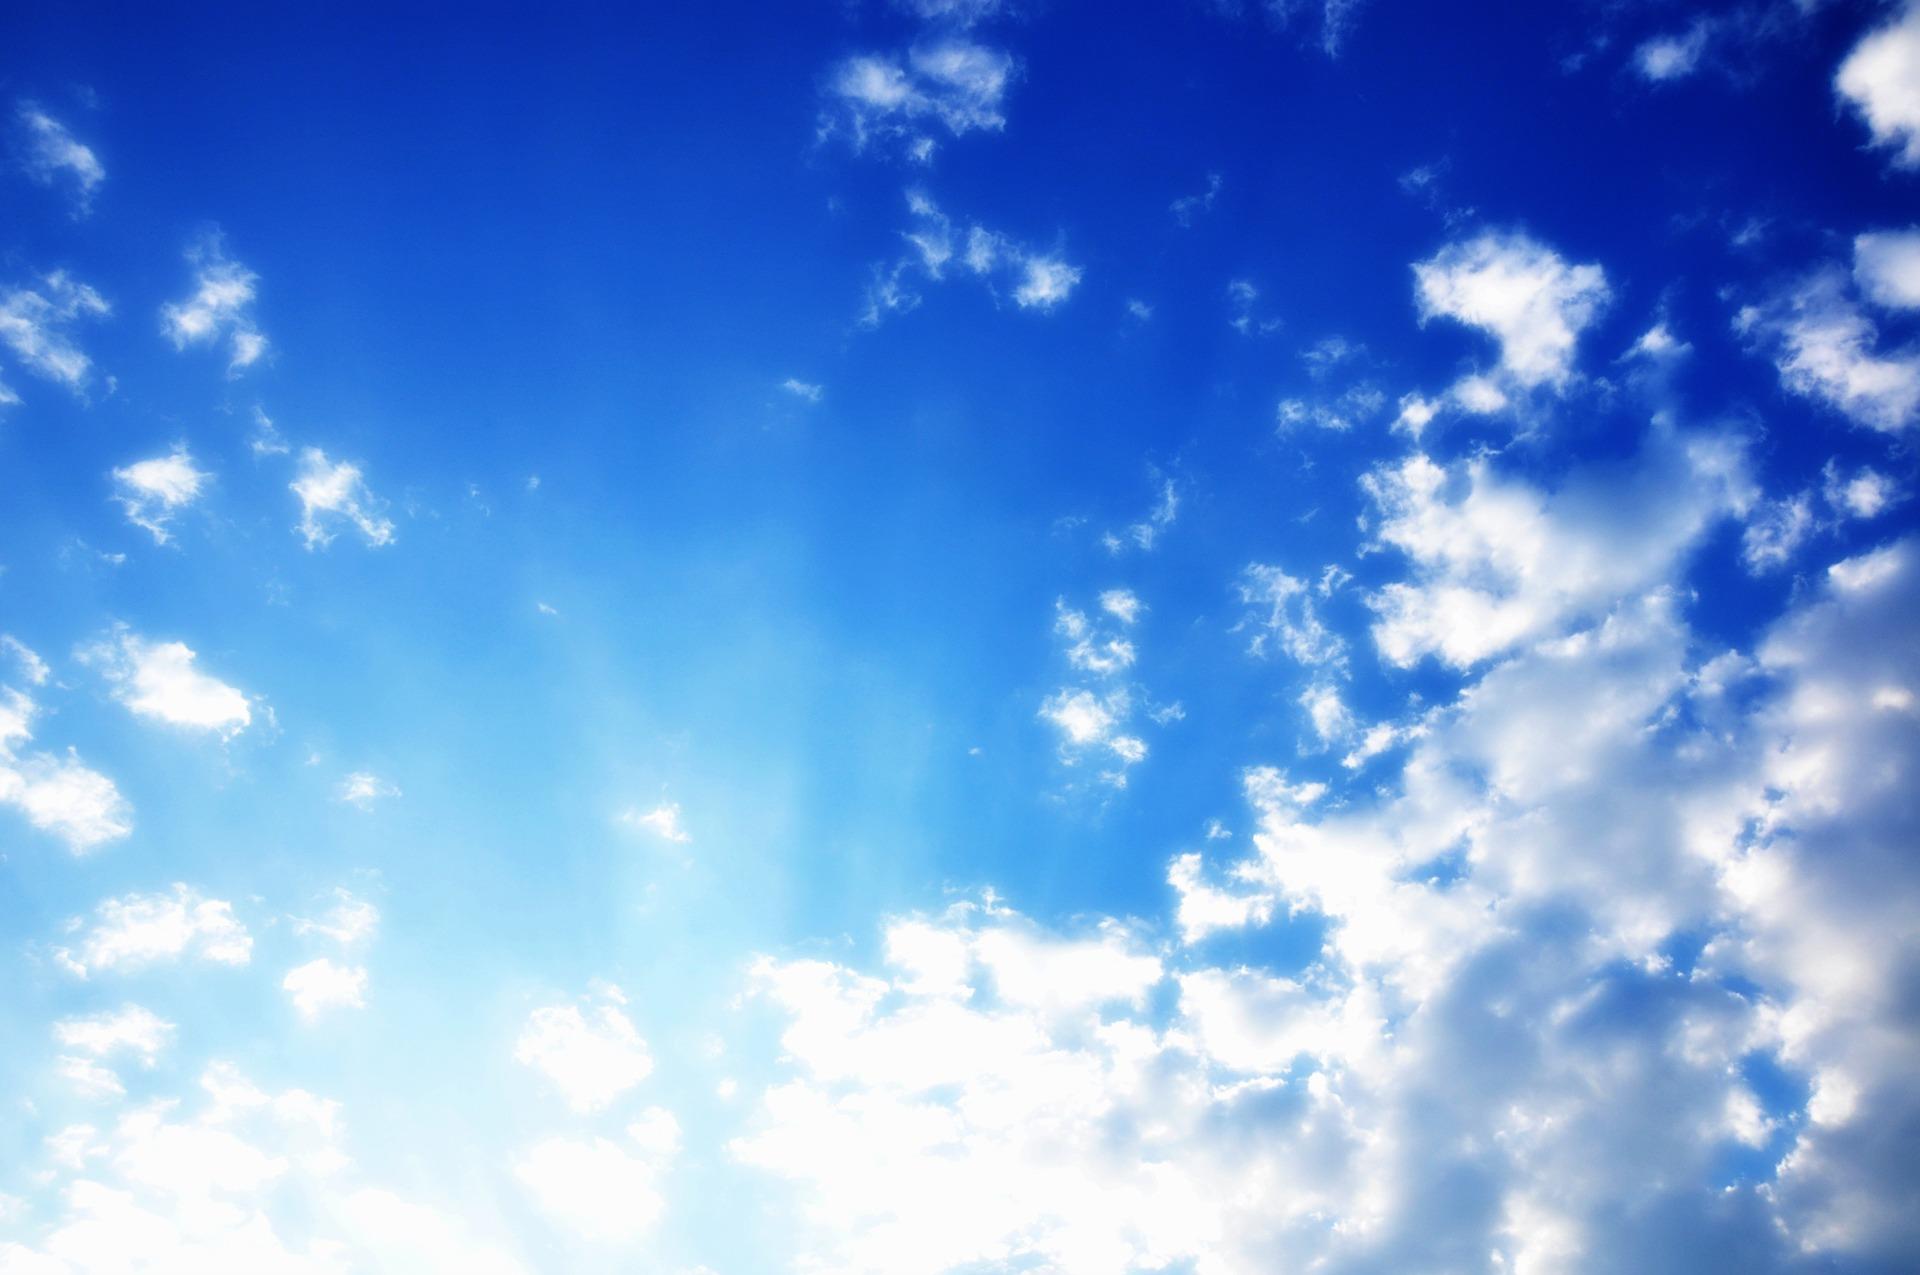 sky-1445077_1920